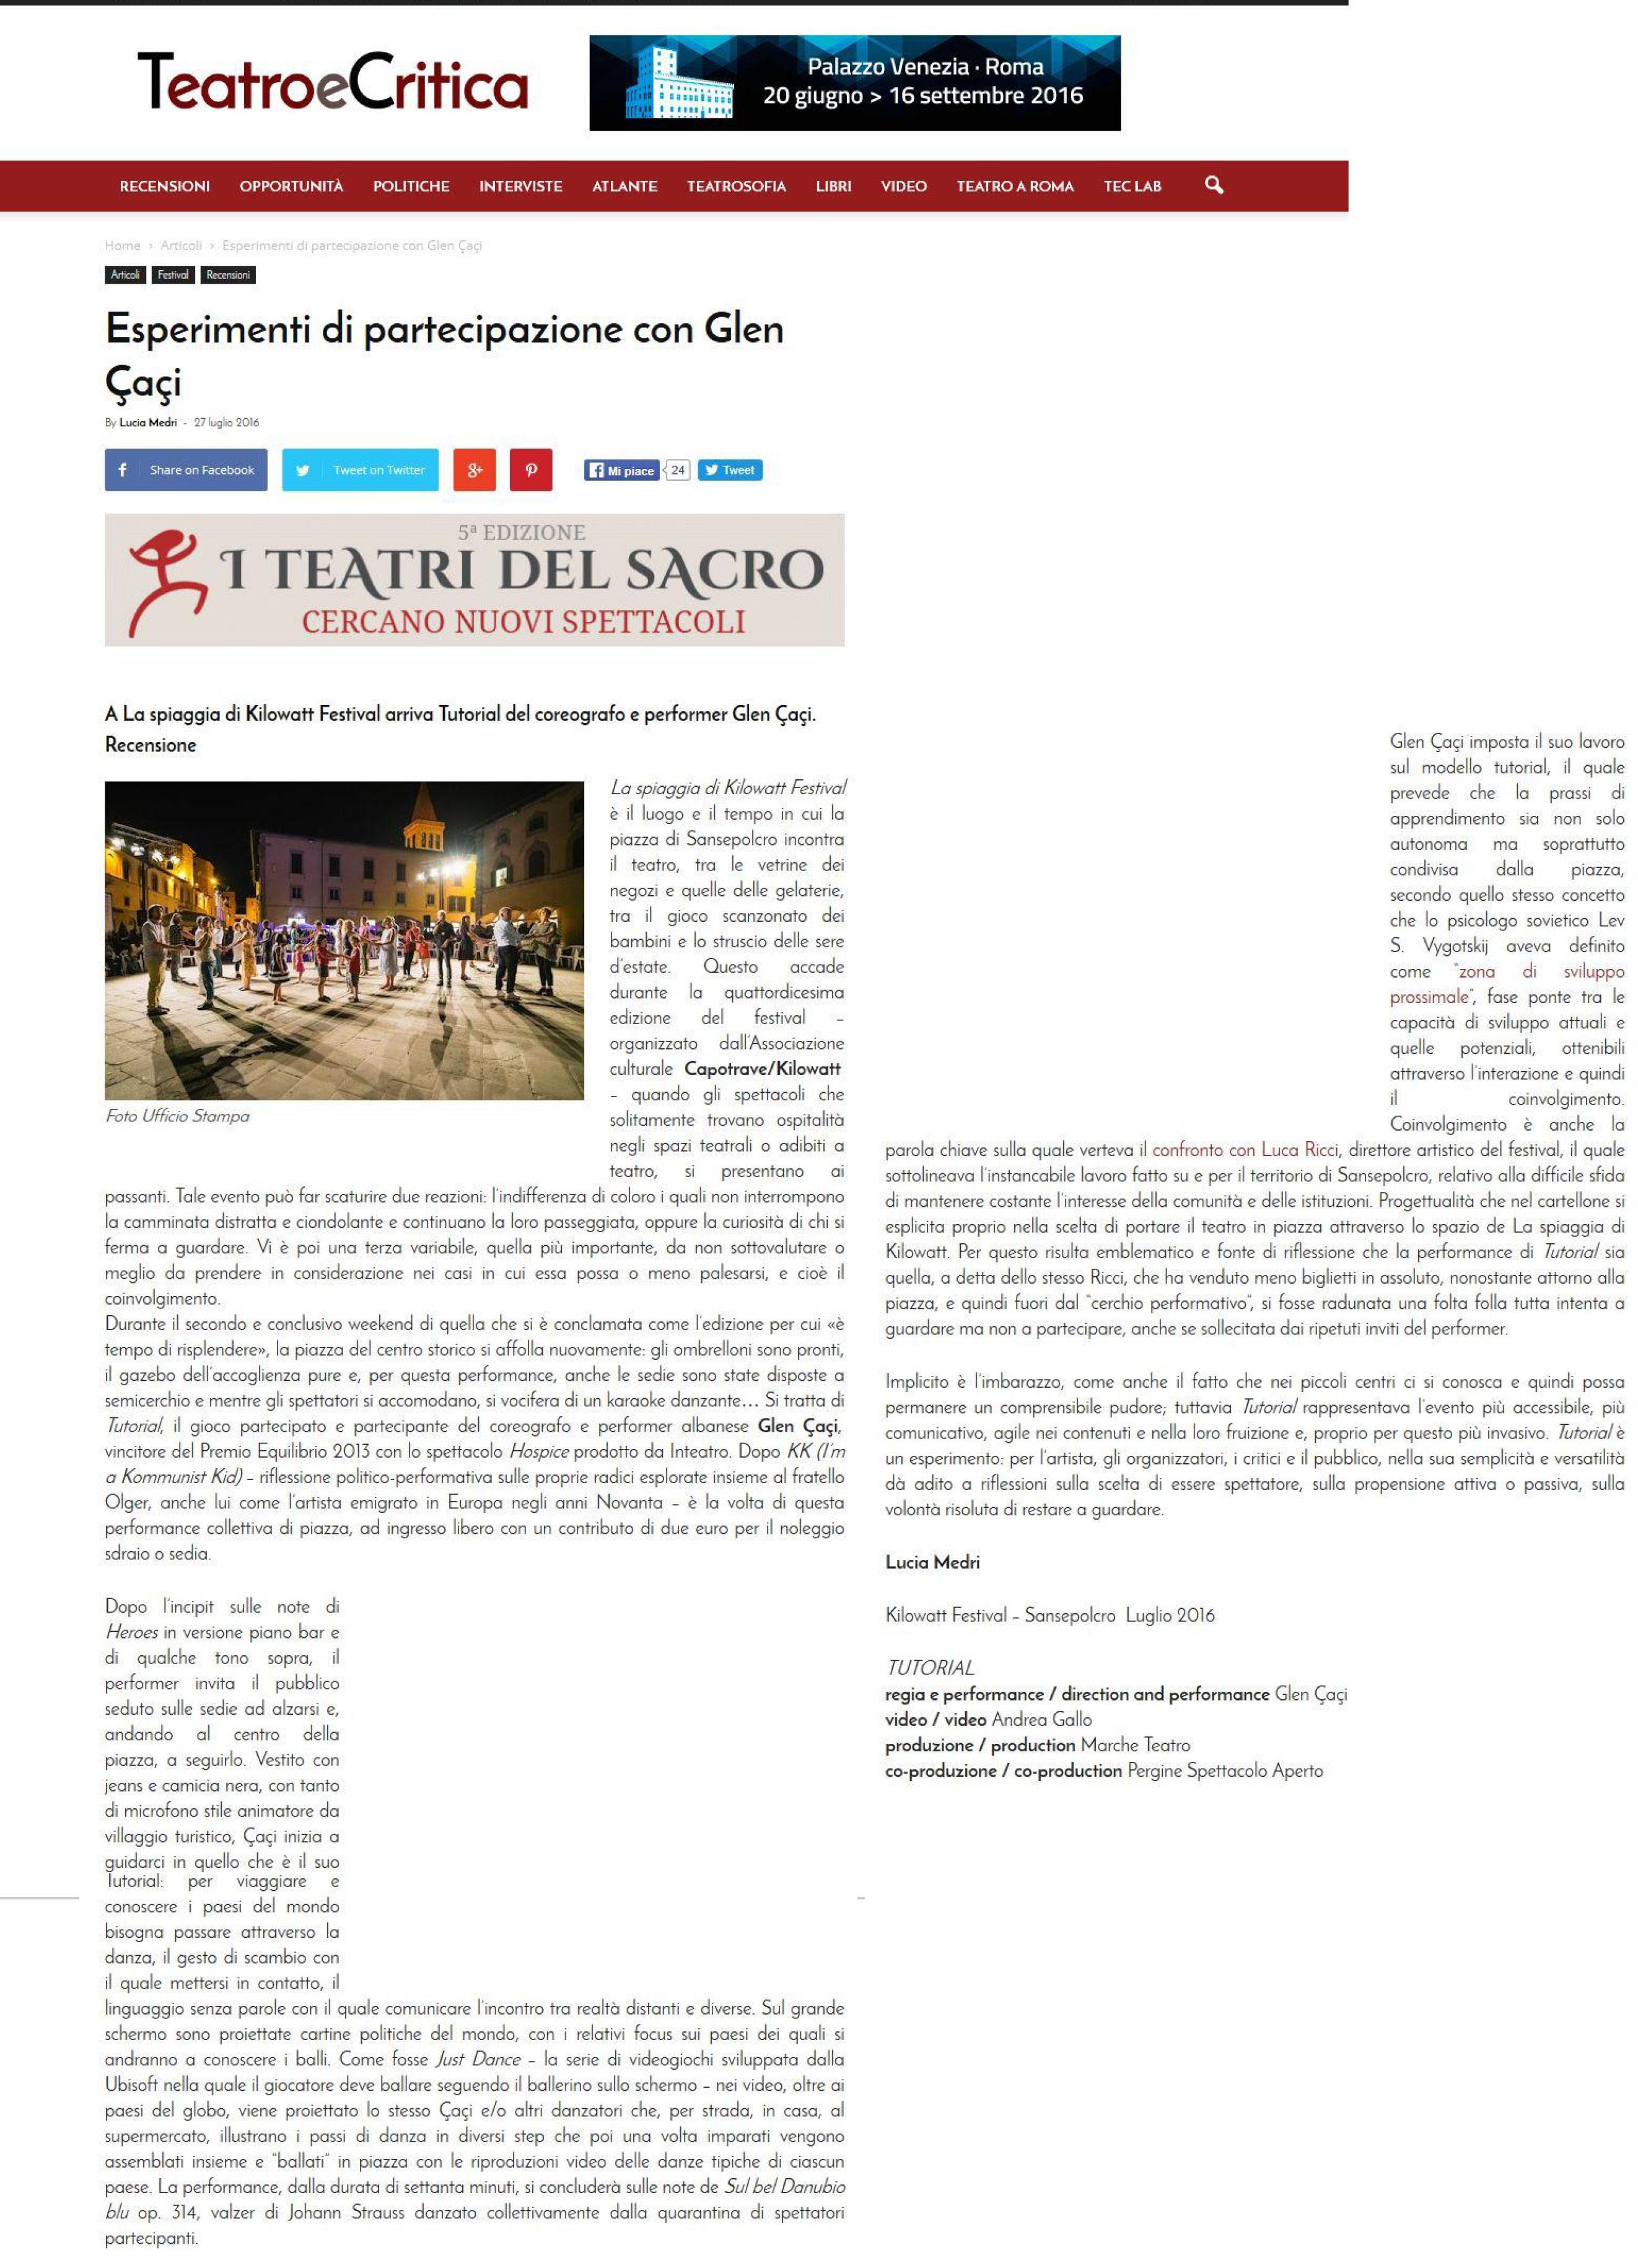 20160727_esperimenti-di-partecipazione-con-glen-caci_teatroecritica-1